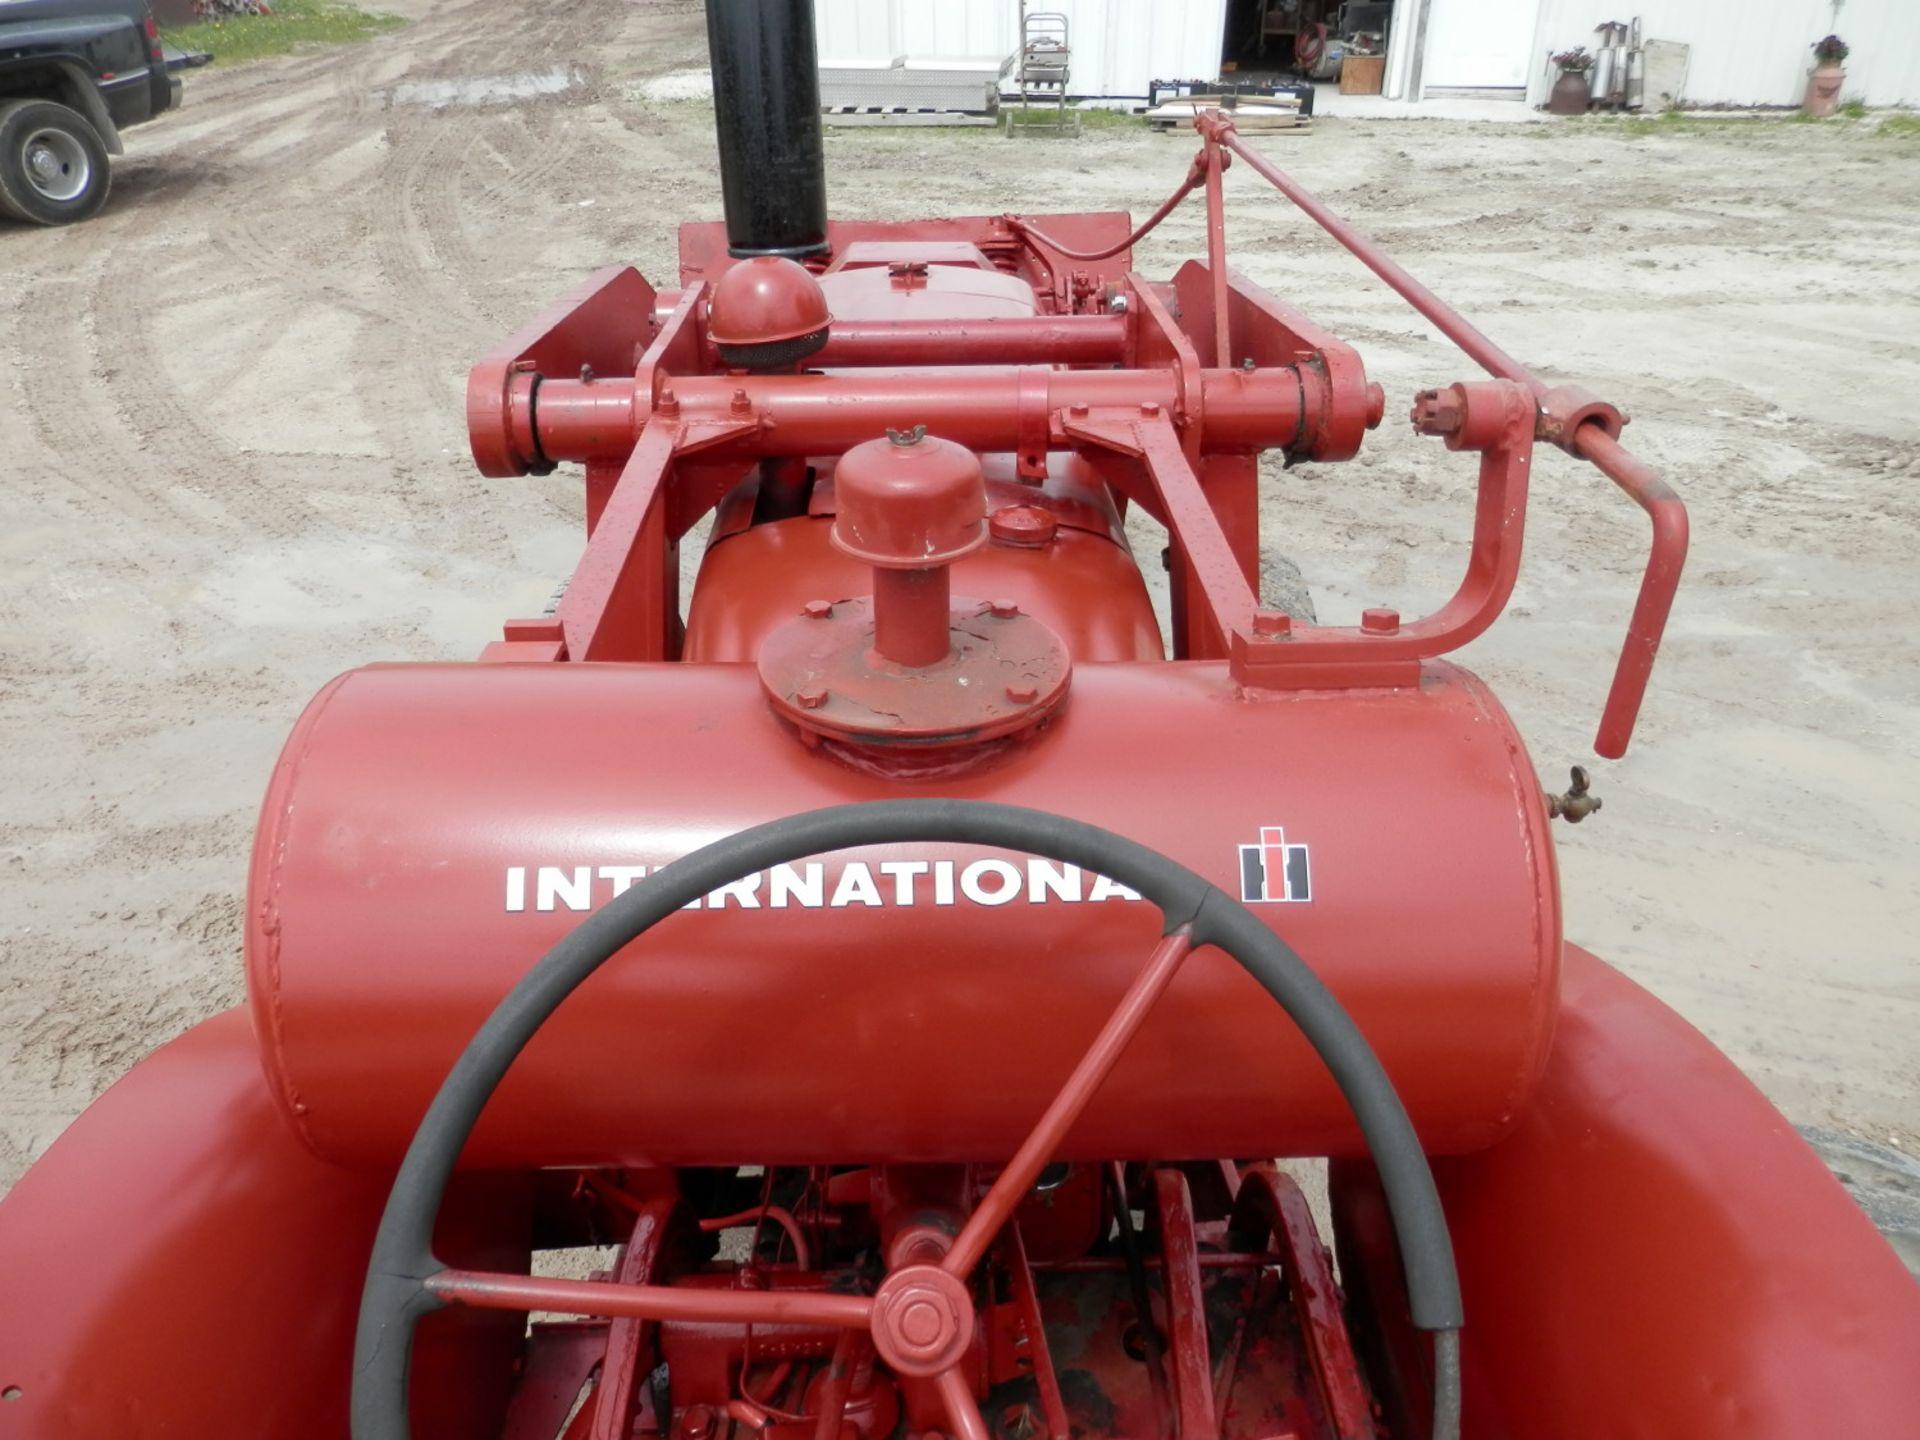 INTERNATIONAL 1-6 w/HOUGH LOADER - Image 6 of 14